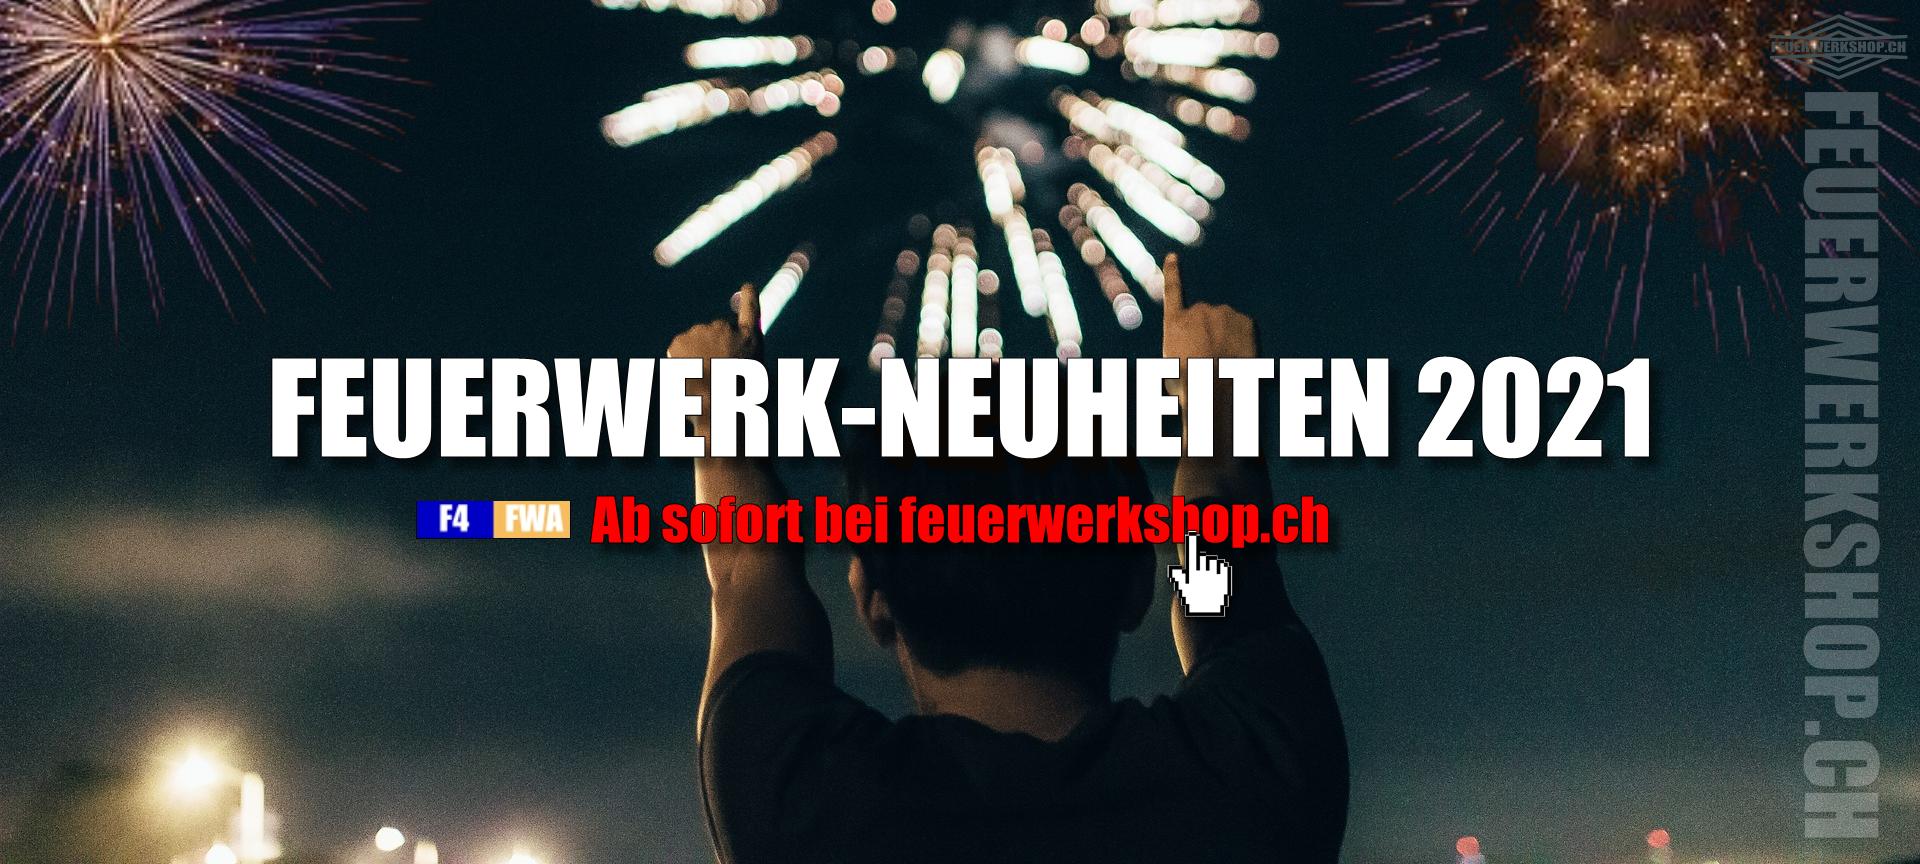 Feuerwerk Neuheiten 2021 - Jetzt entdecken bei feuerwerkshop.ch